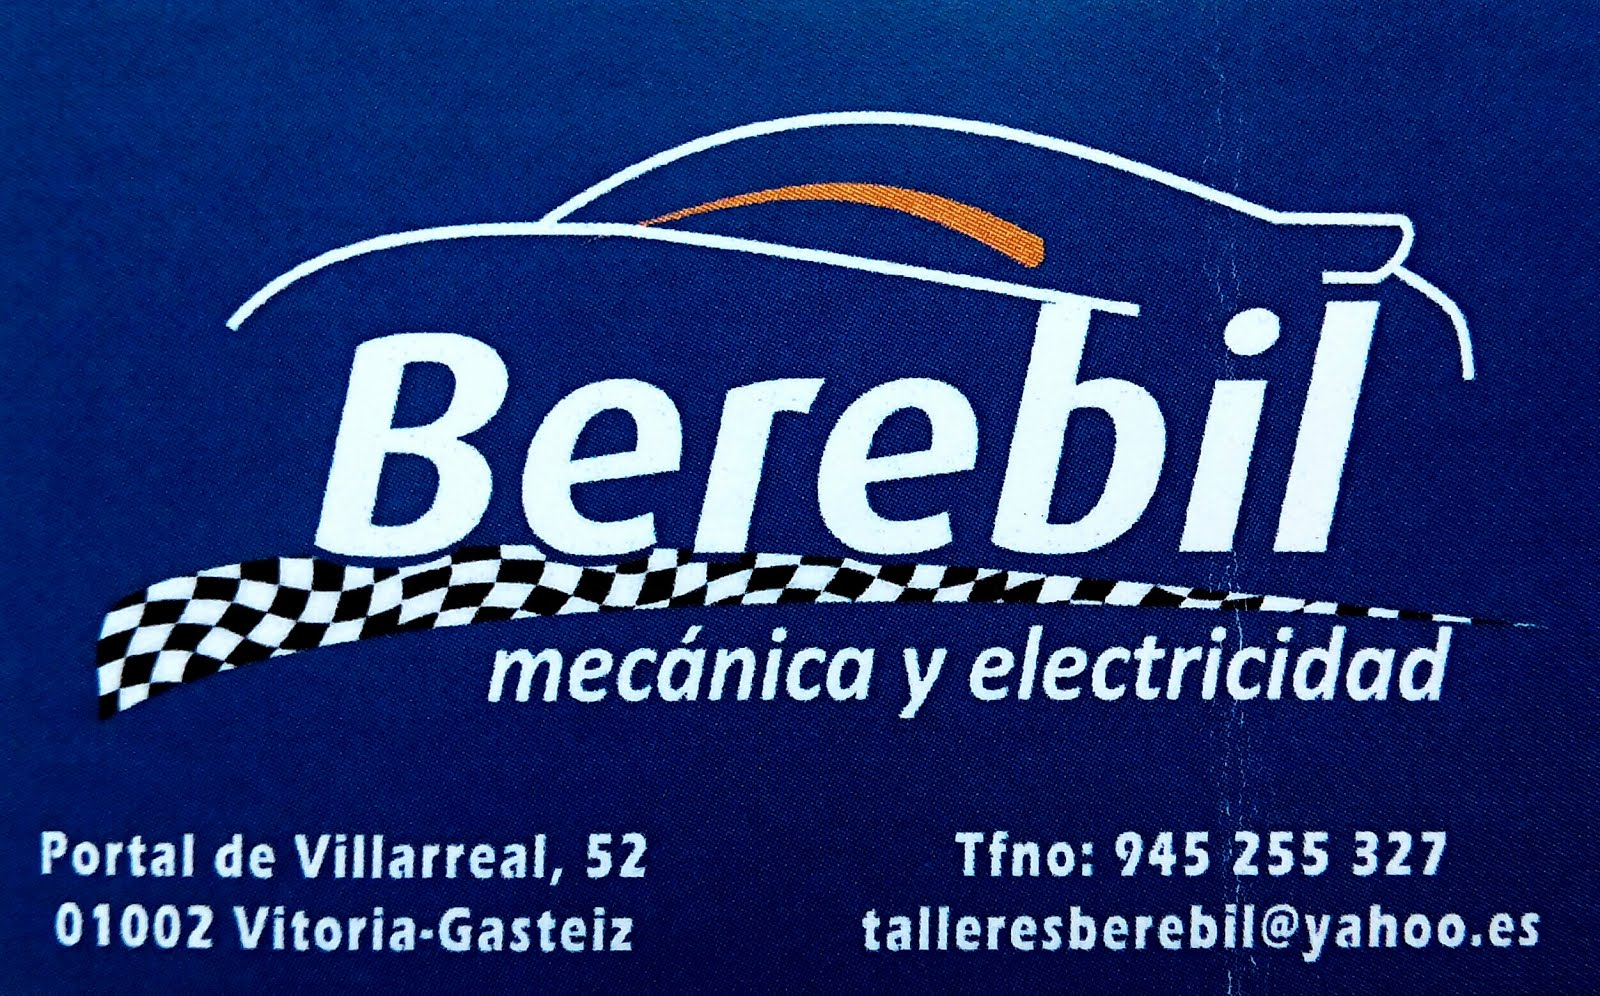 TALLERES BEREBIL - COLABORADOR EUSKO BIKE